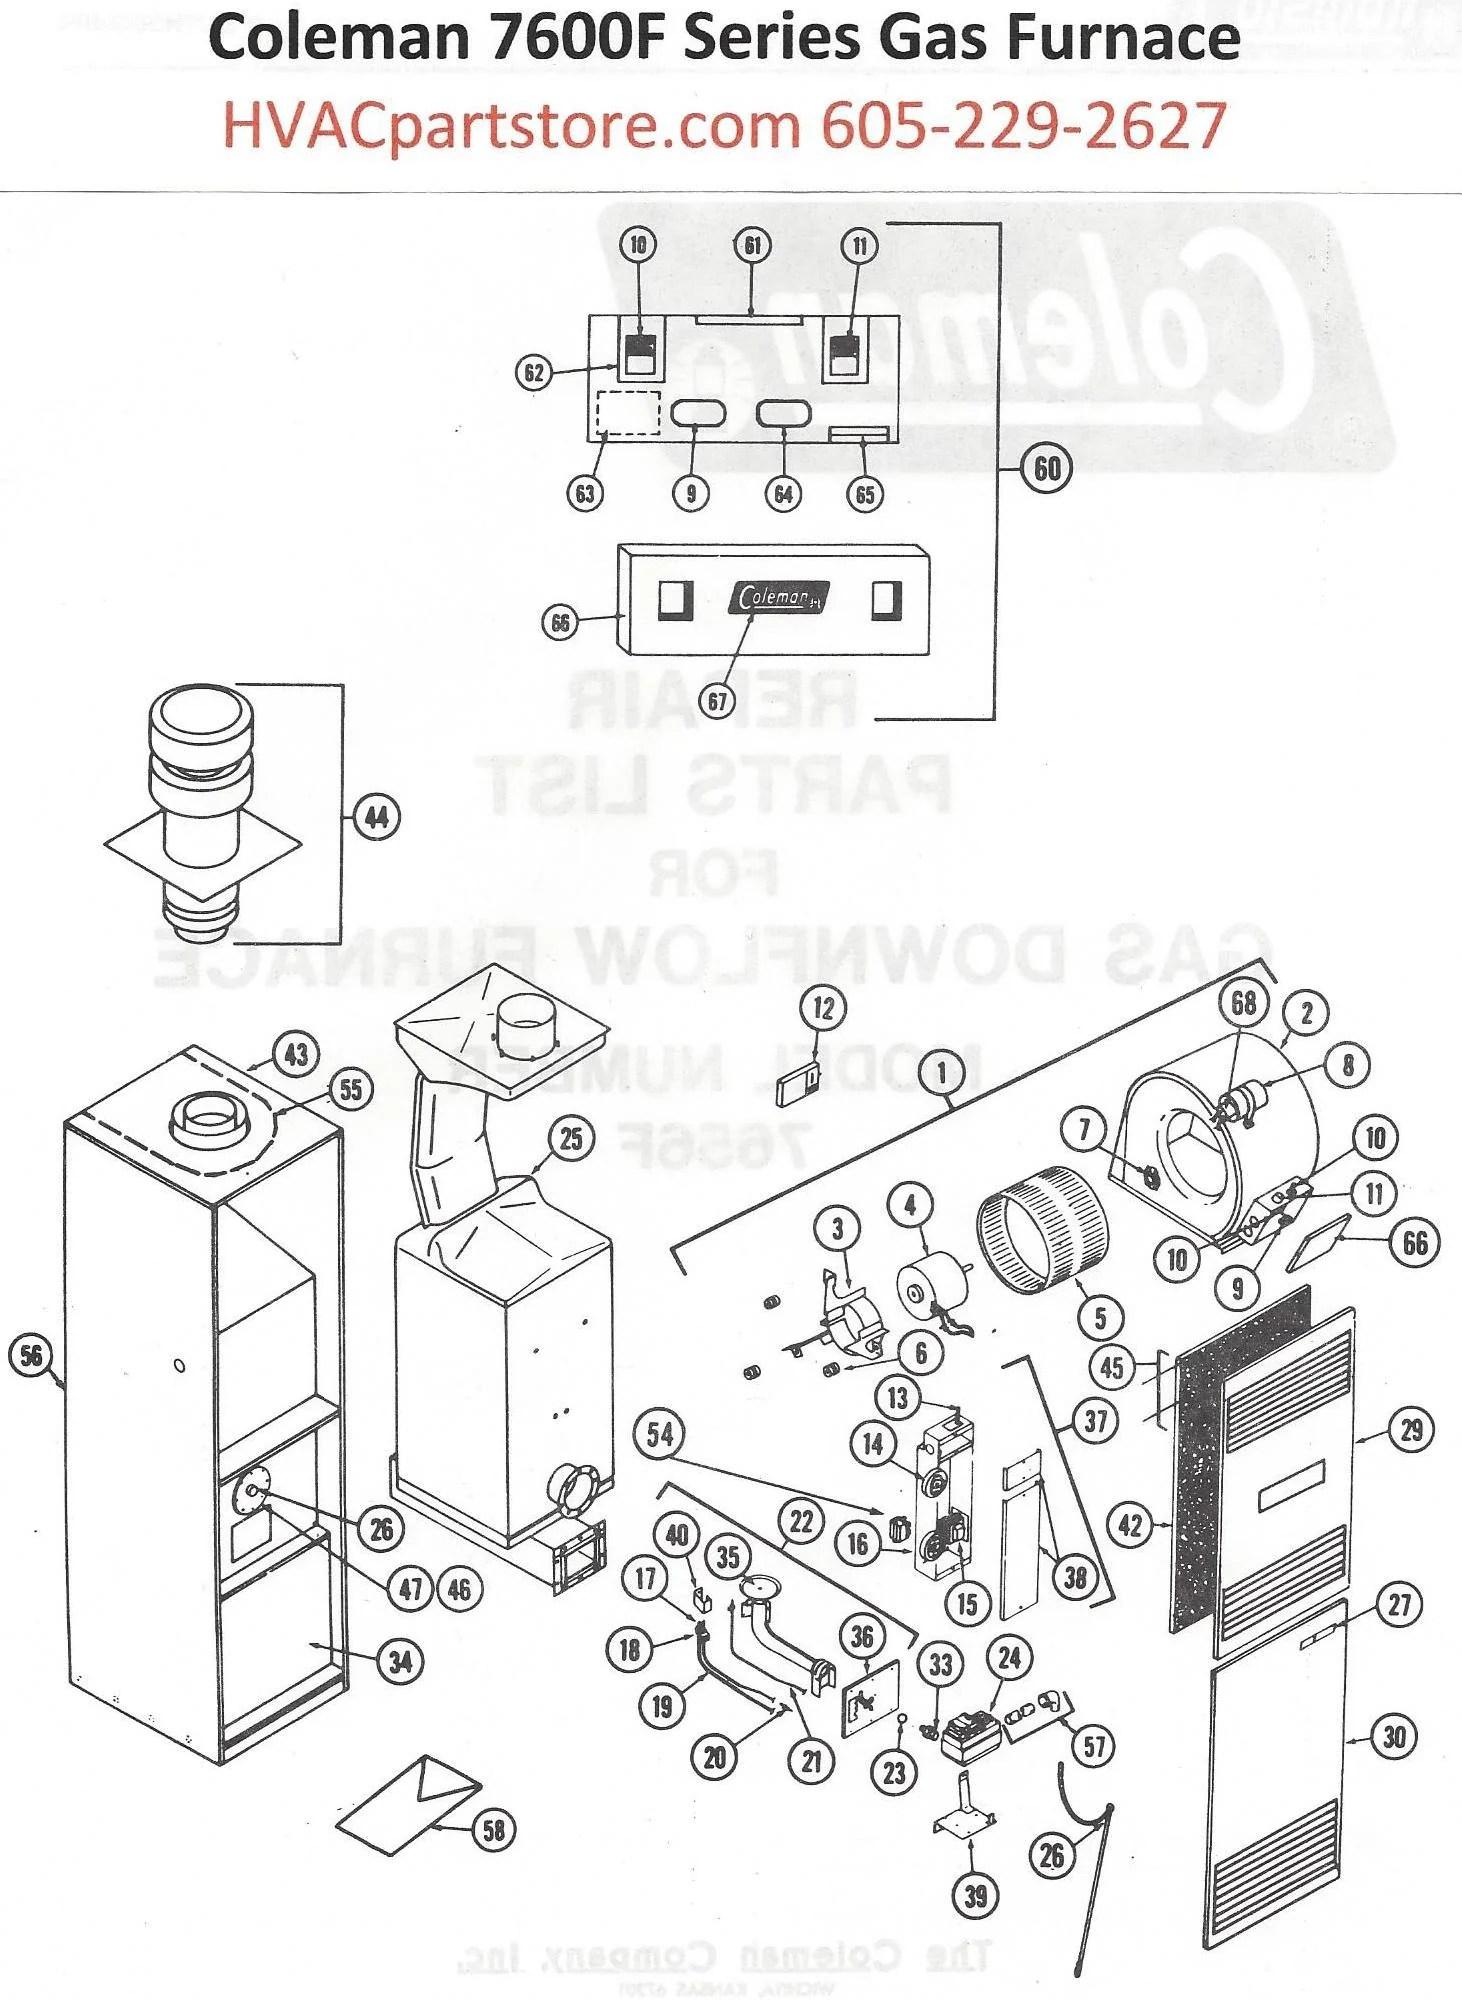 Jcb Wiring Schematic 7656f856 Coleman Gas Furnace Parts Hvacpartstore